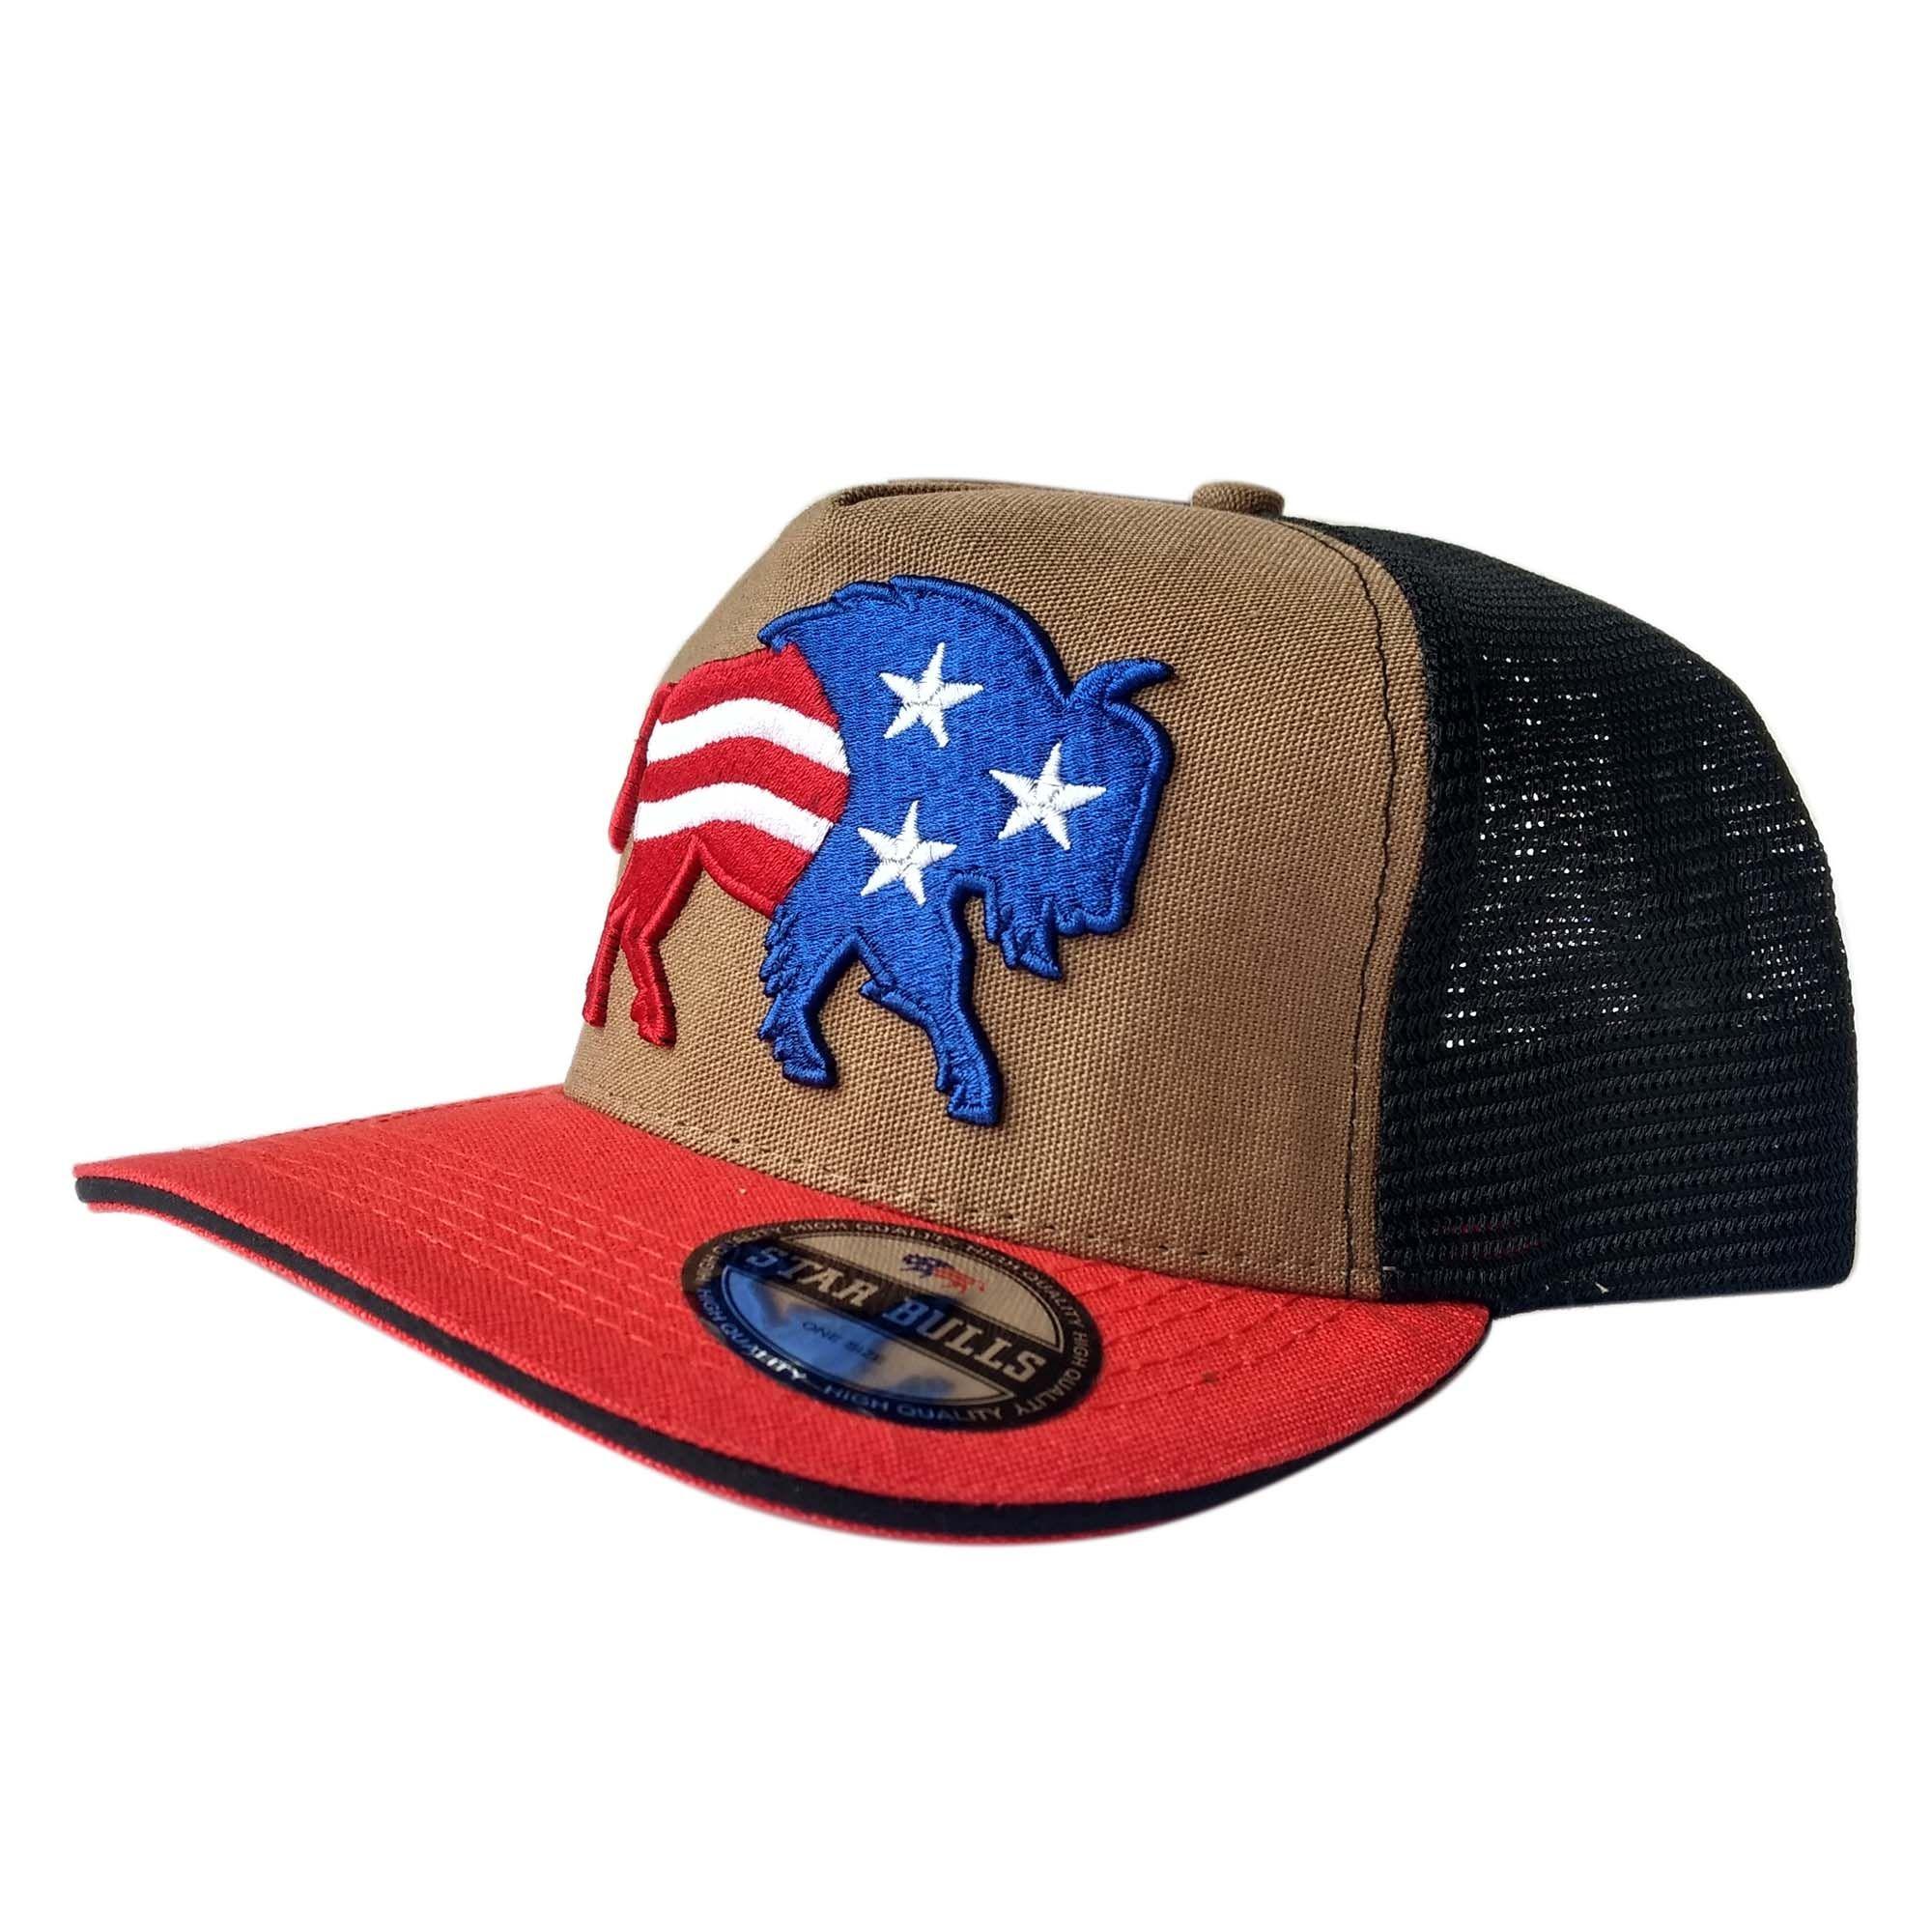 501c5489c25e6 Boné Star Bulls Marrom Aba Vermelha Logo USA - Celeiro Country